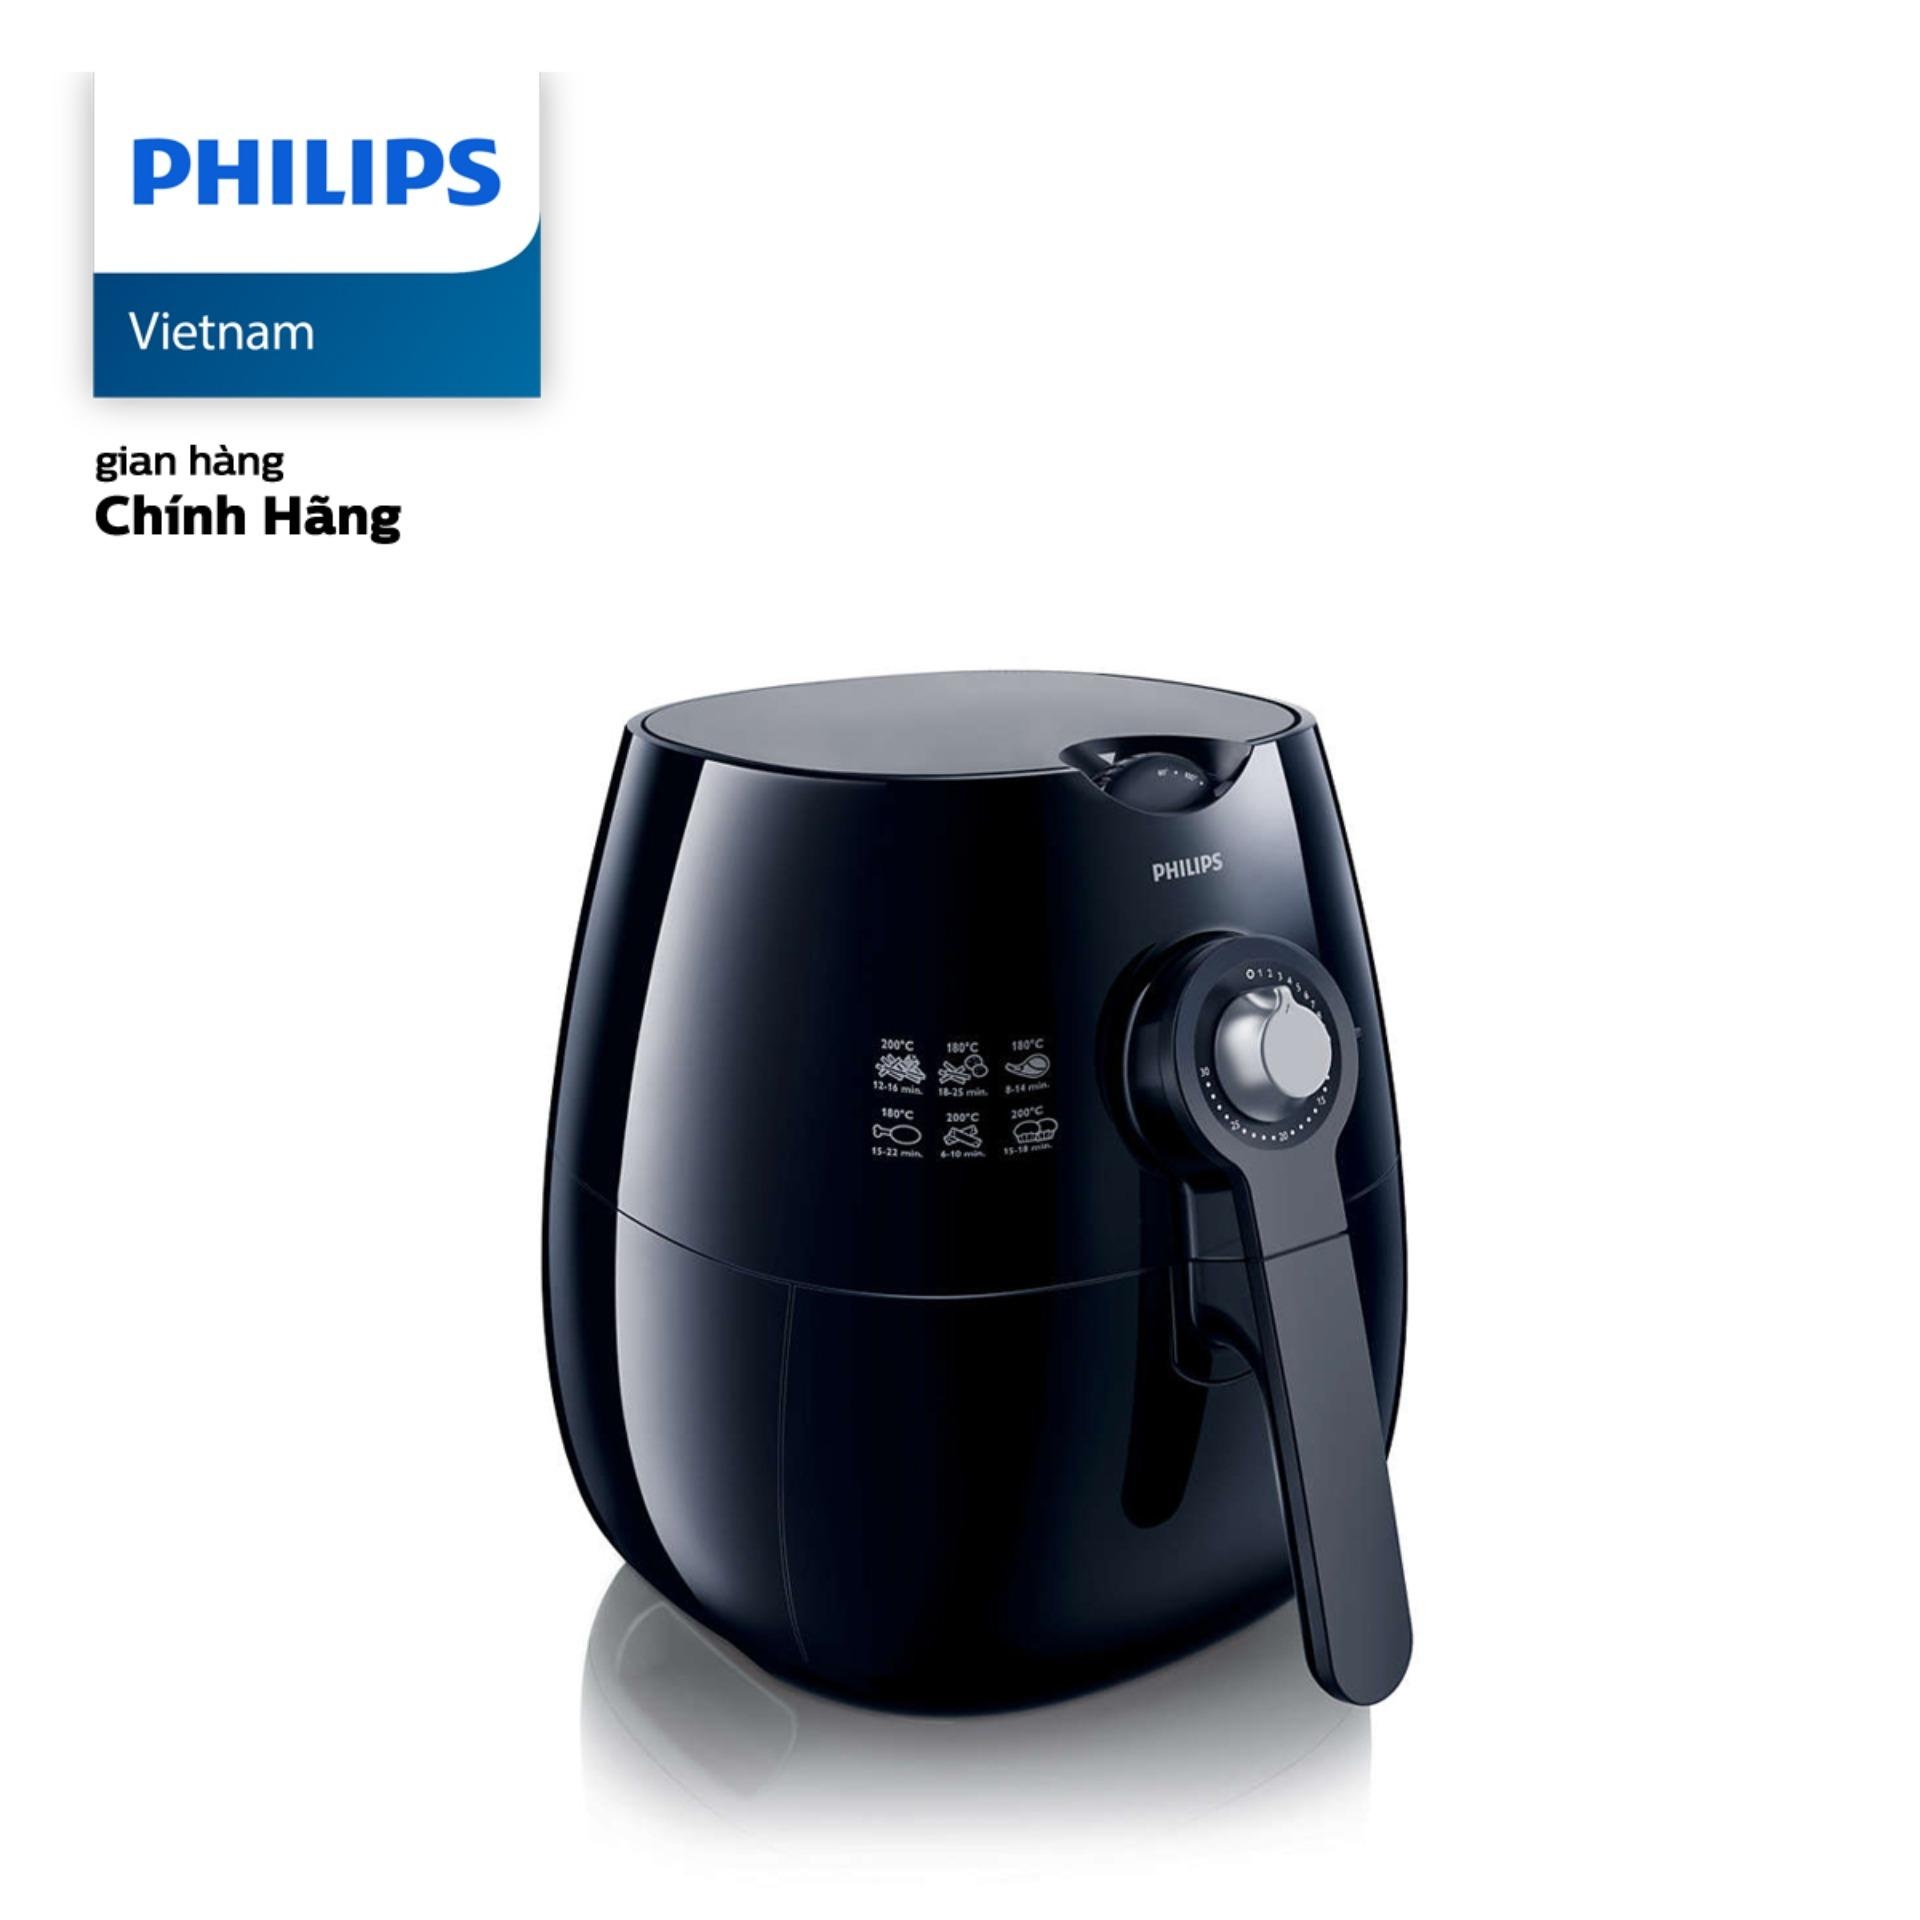 Nồi chiên không dầu Philips HD9220/20 1425W 2.2L (Đen) - Hàng phân phối chính hãng, ít béo đến hơn 80%,...